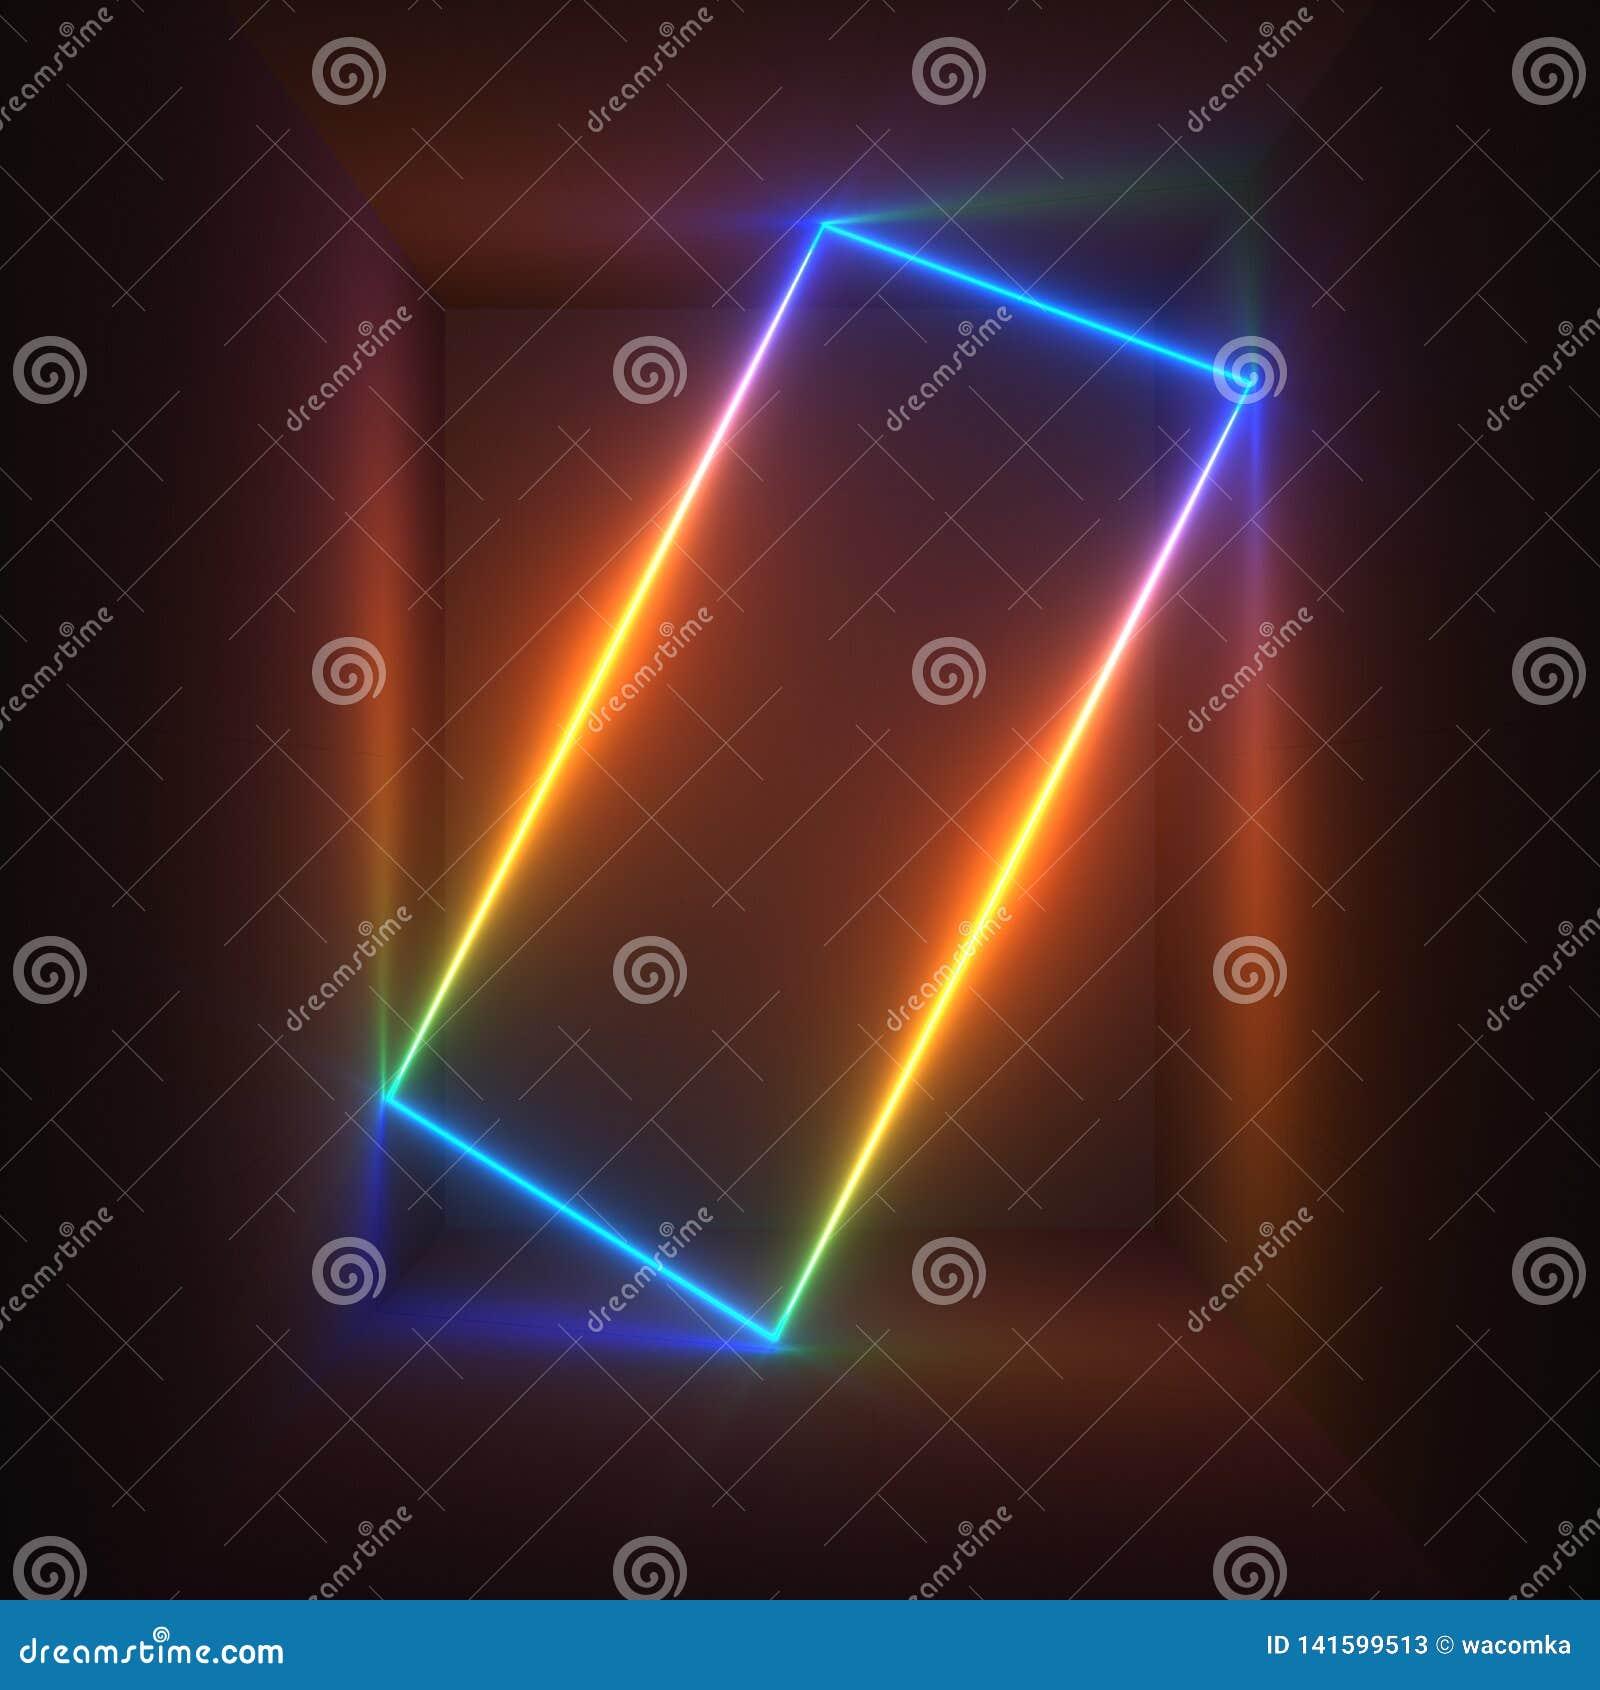 3d rendem, as luzes de néon, espectro do arco-íris, mostra do laser, iluminação, linhas retangulares de incandescência, fundo flu